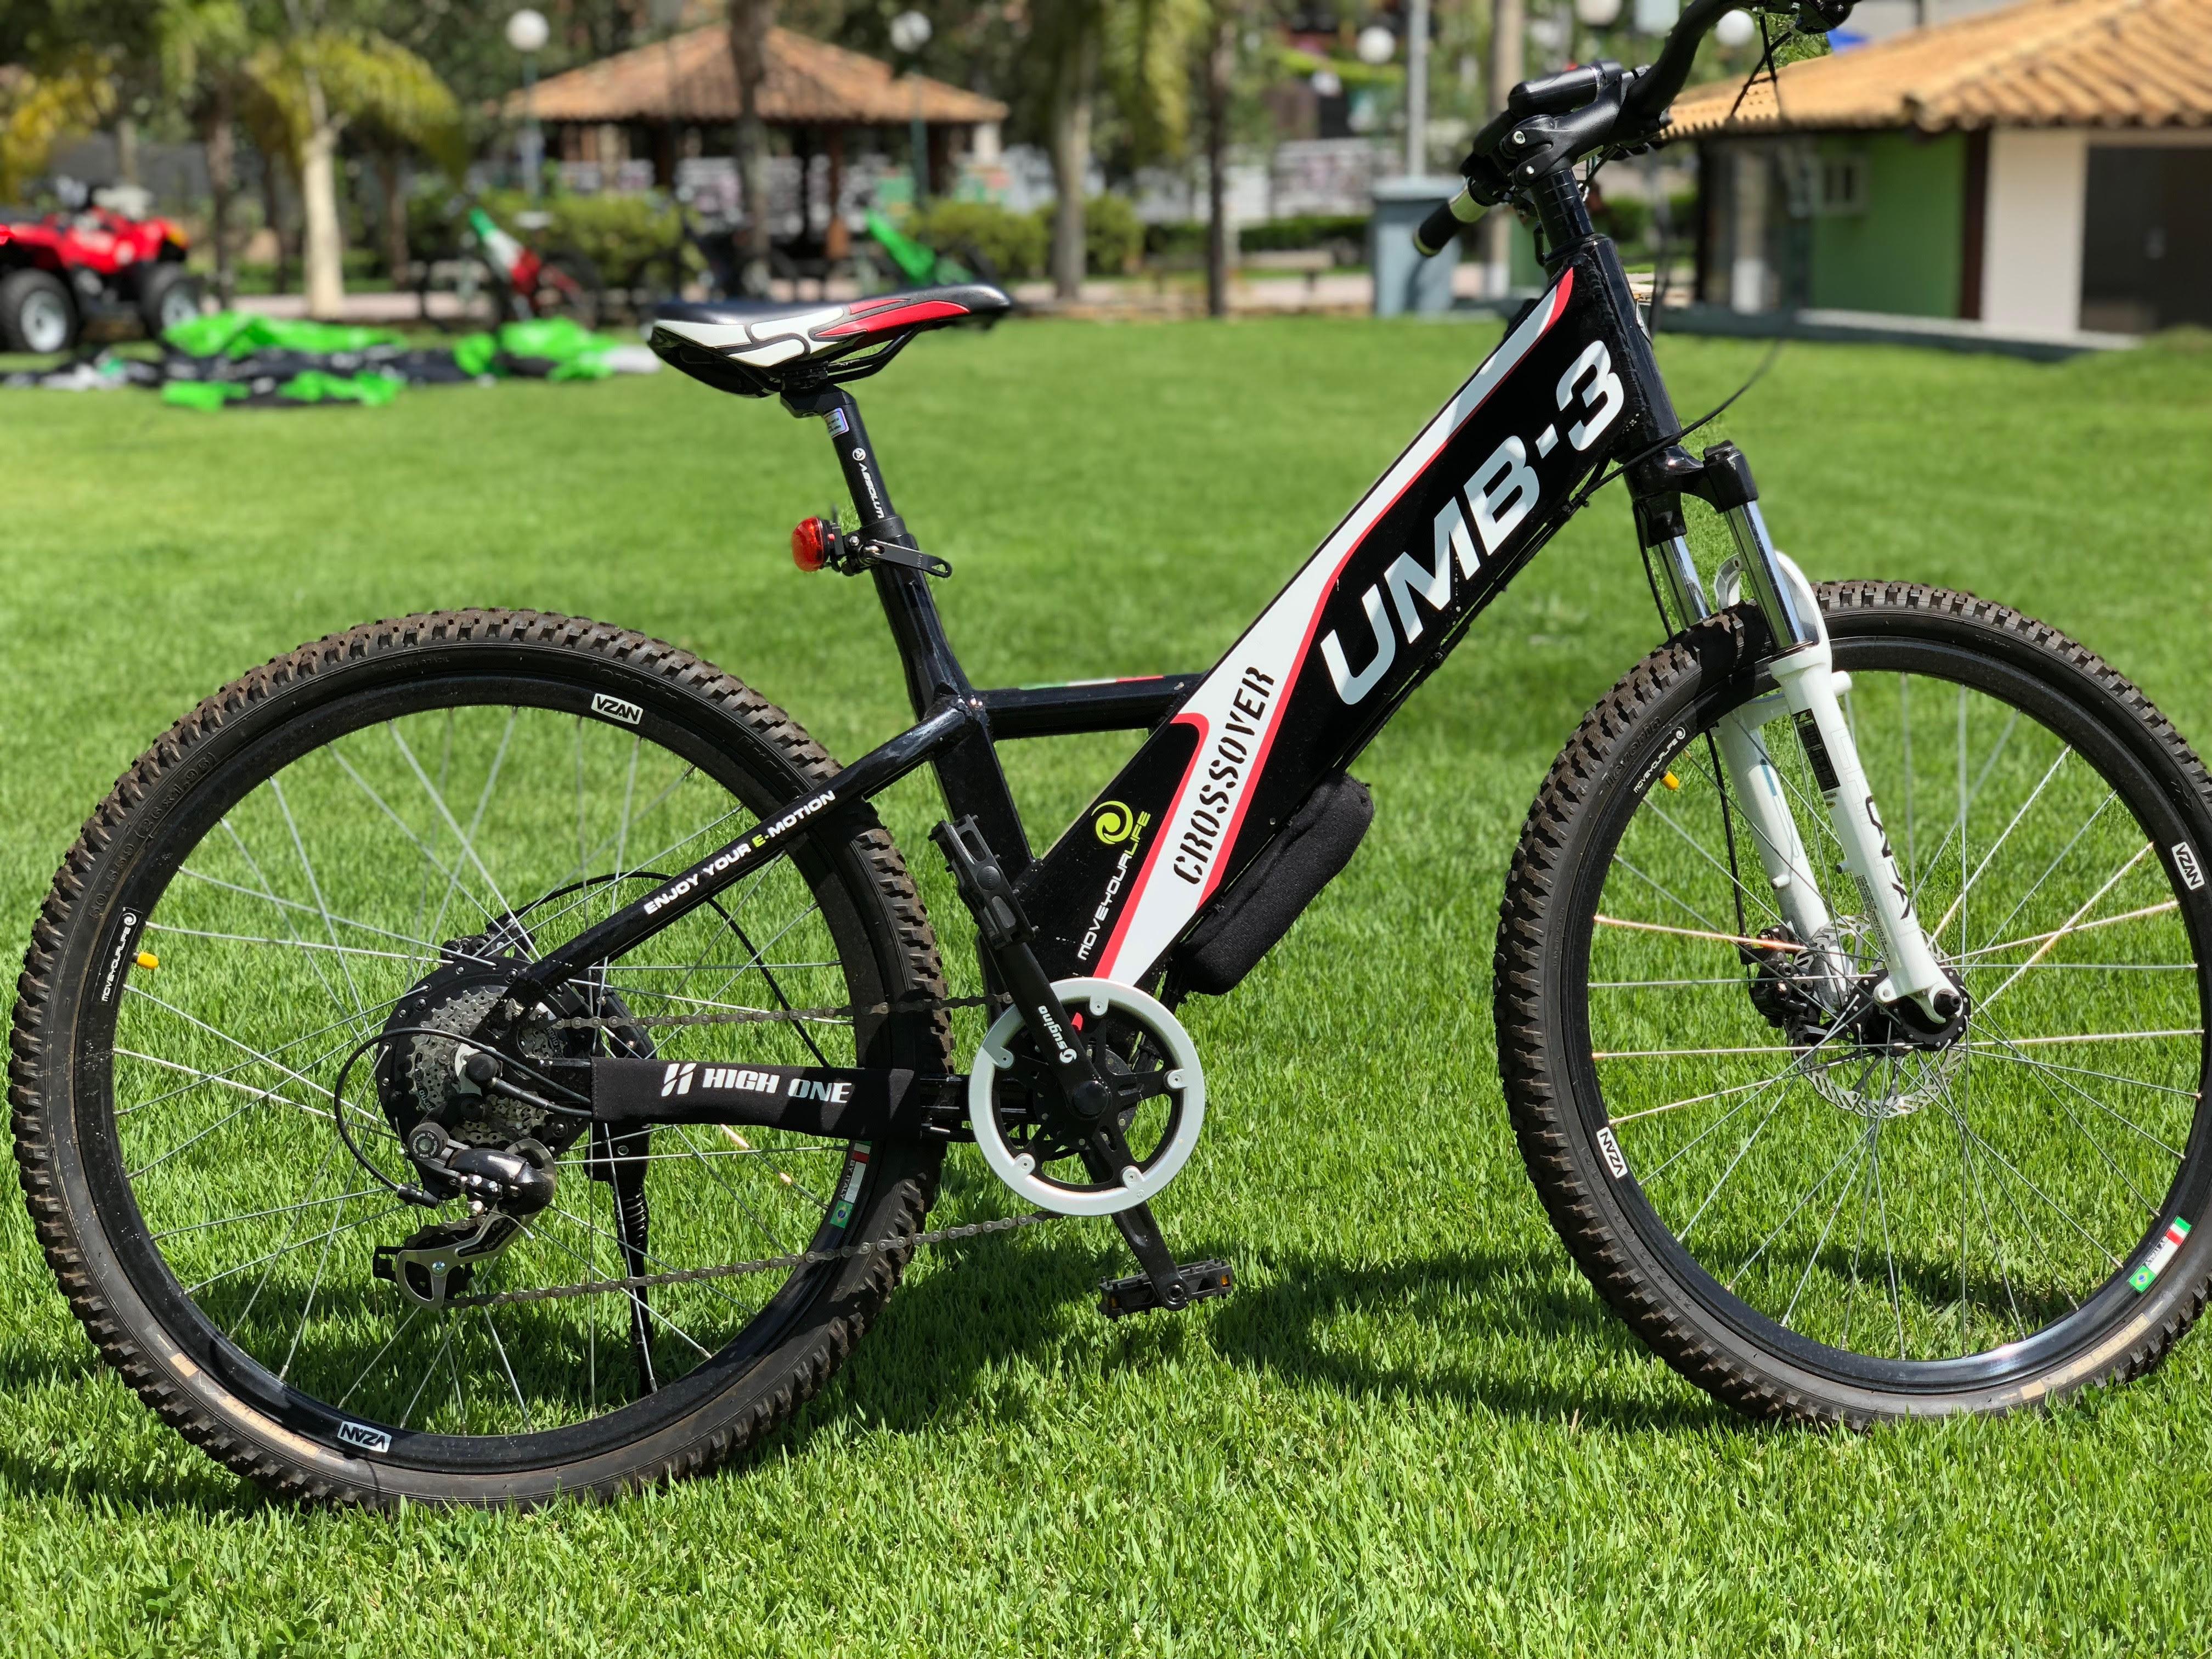 0381e2d66 Move Your Life disponibilizará cinco bicicletas para atletas usarem na  categoria E-bike